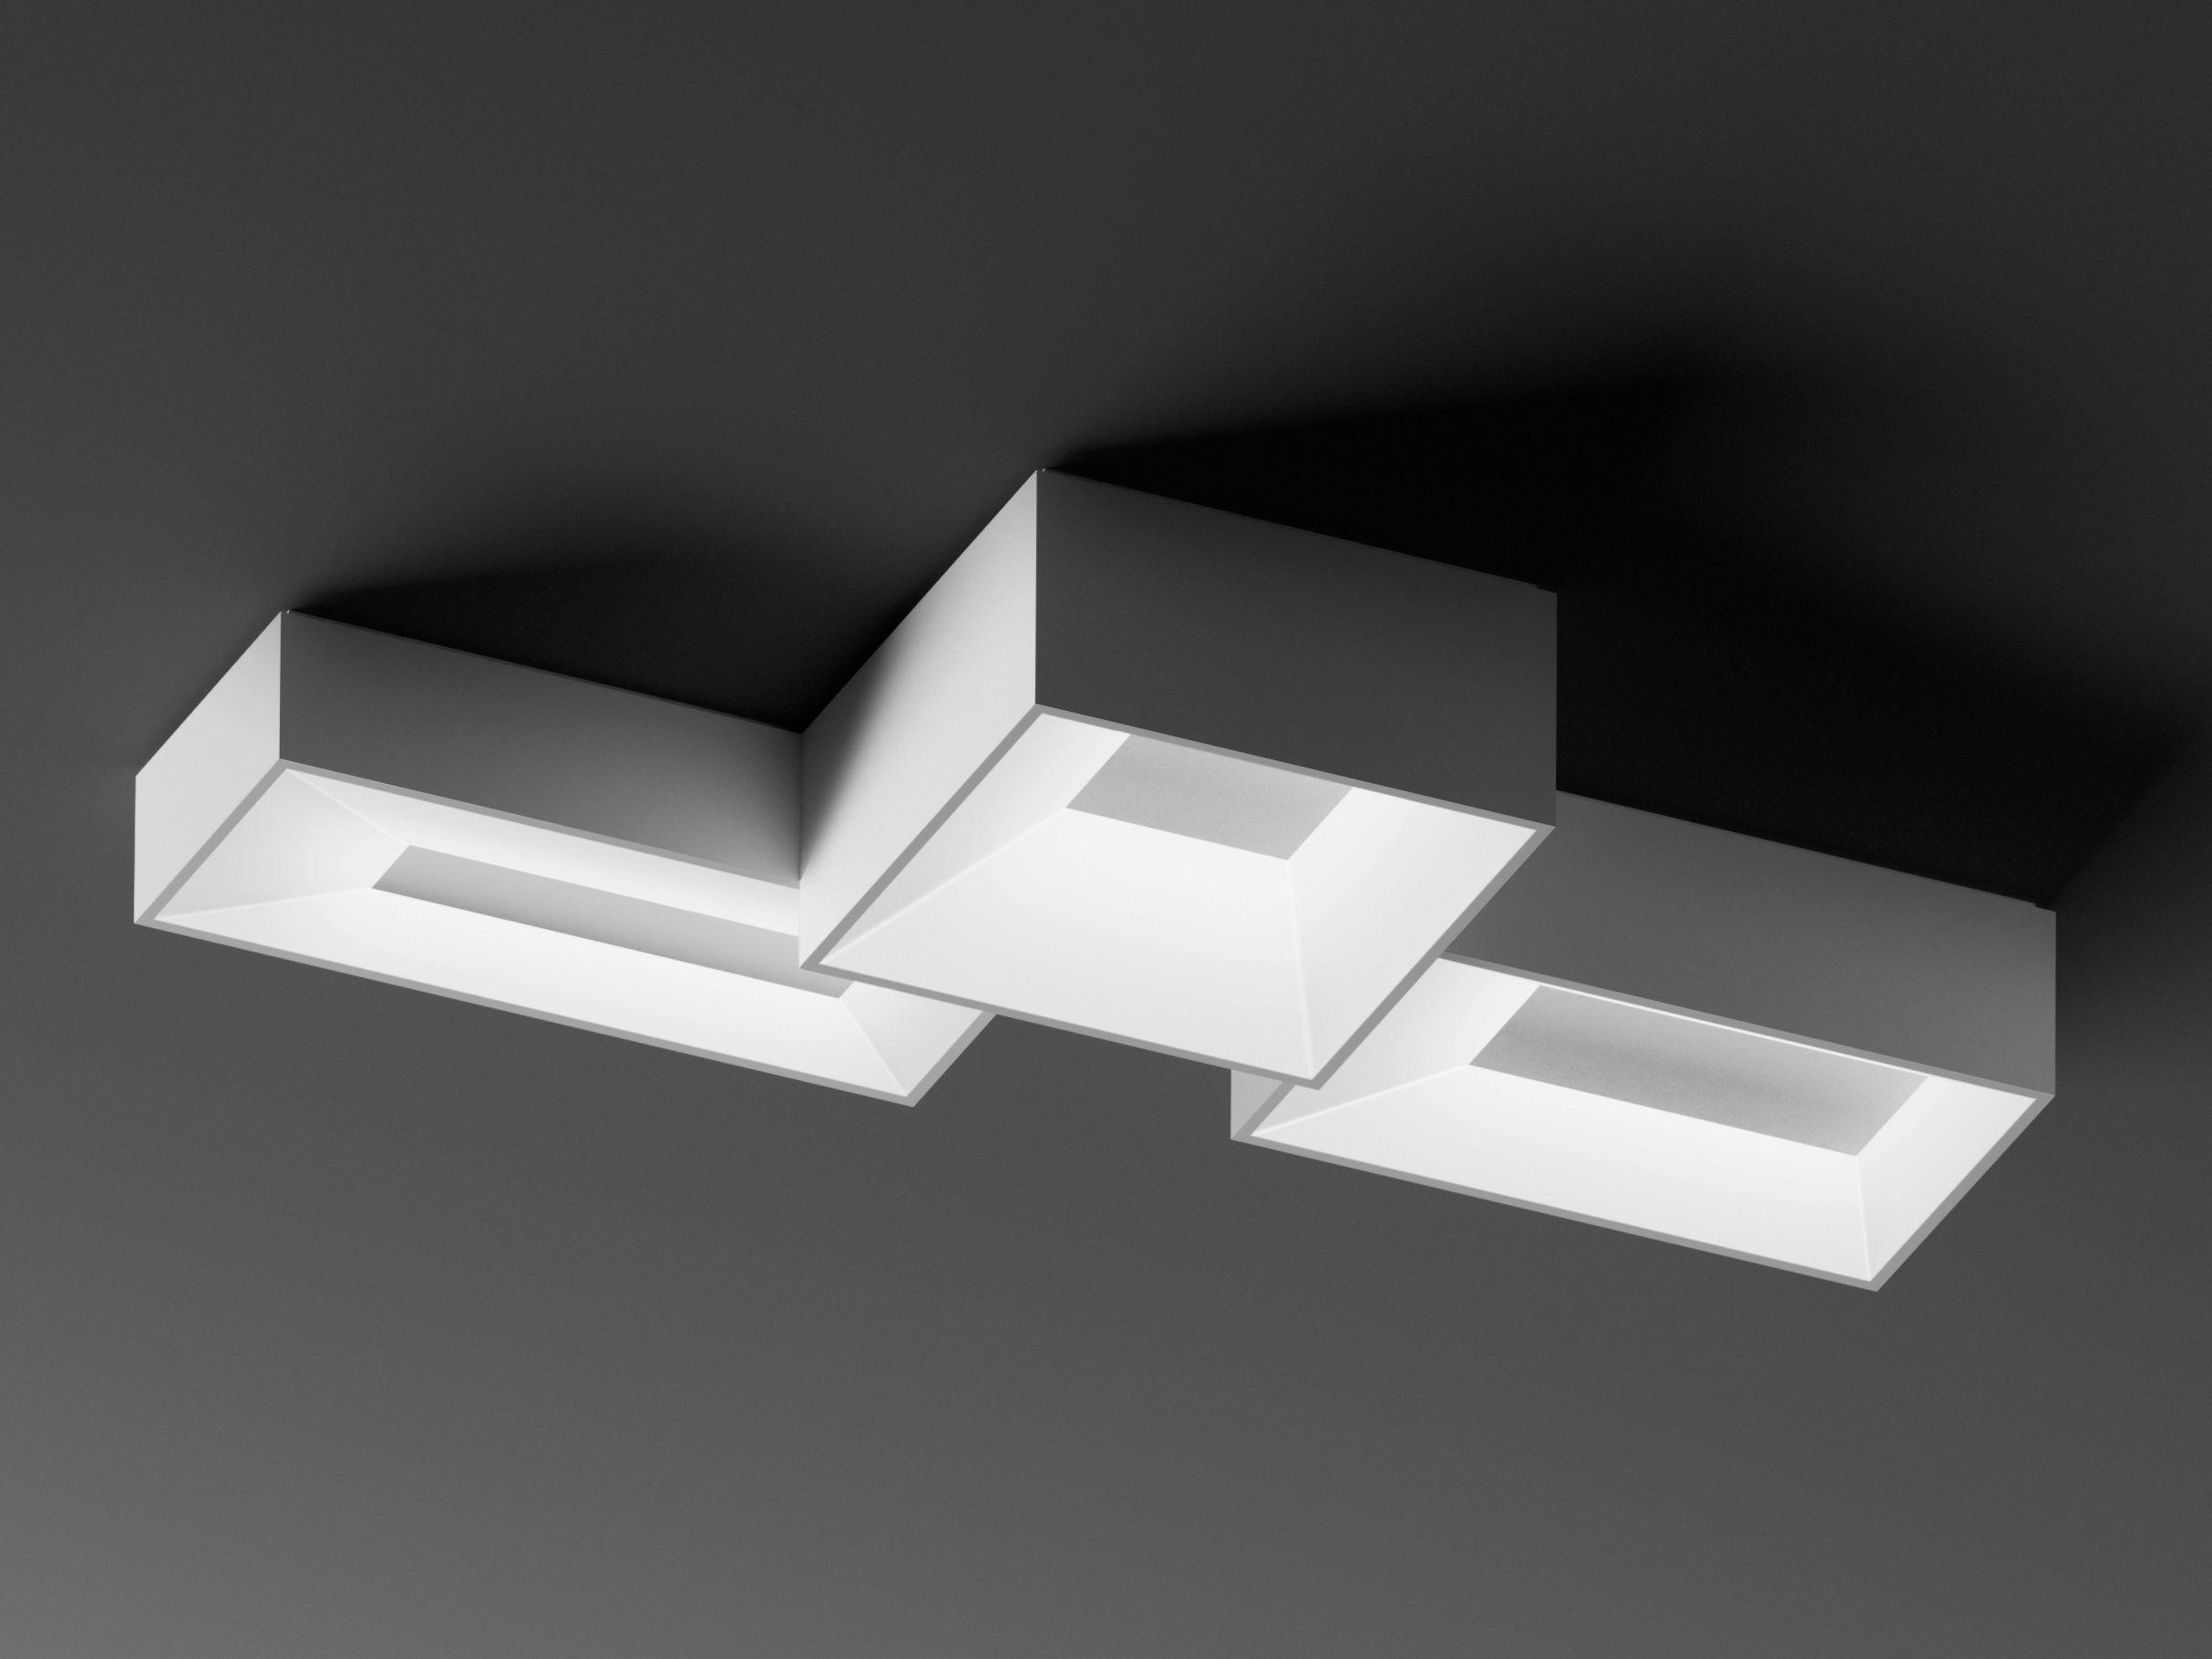 Lámpara de techo modular LINK by Vibia diseño Ramón Esteve